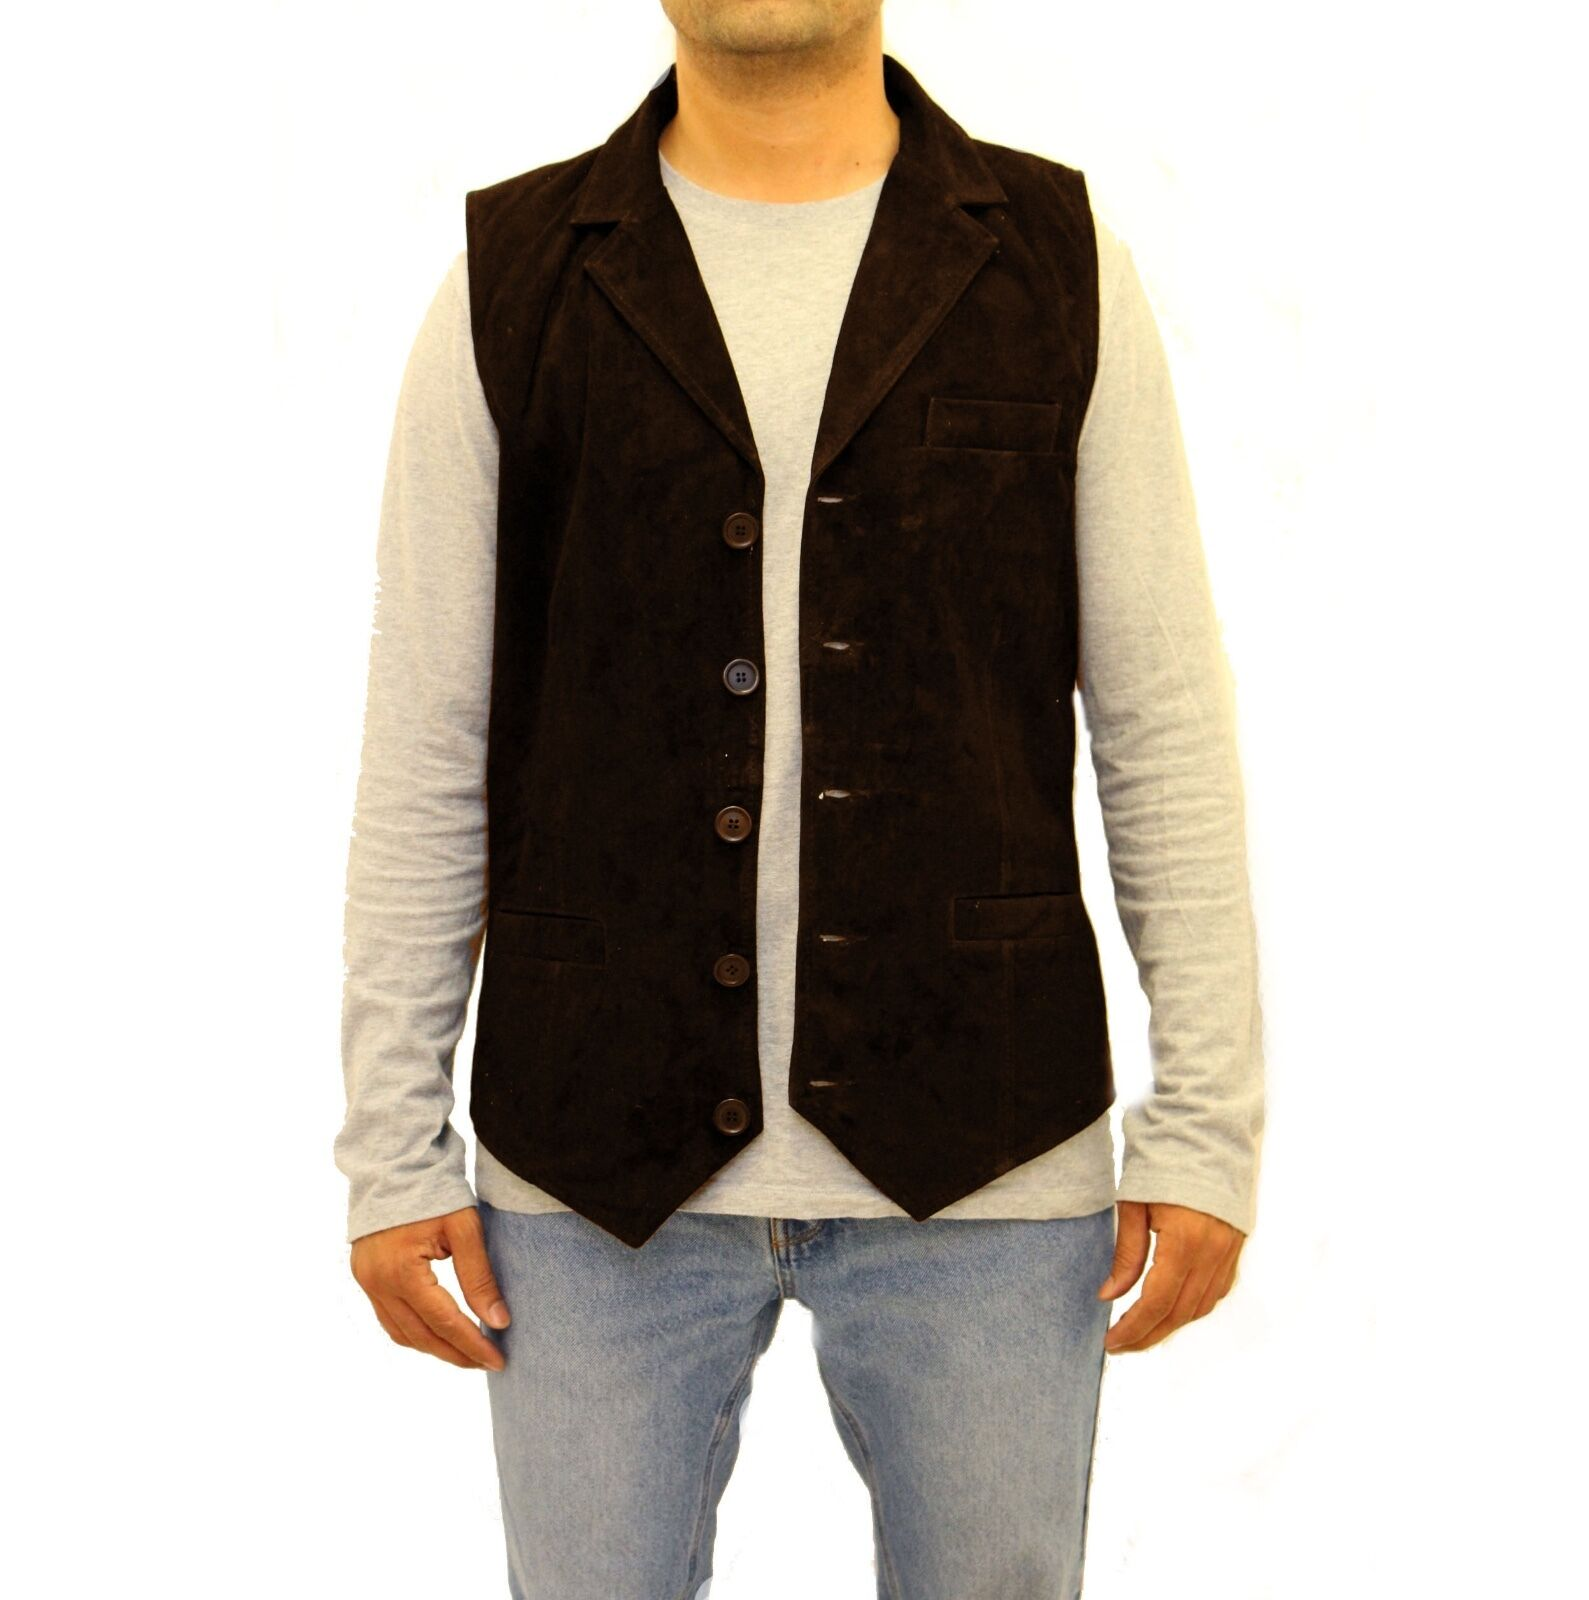 Herren Dark Braun Suede Smart Five Button Classic Leder Blazer Style Waistcoat